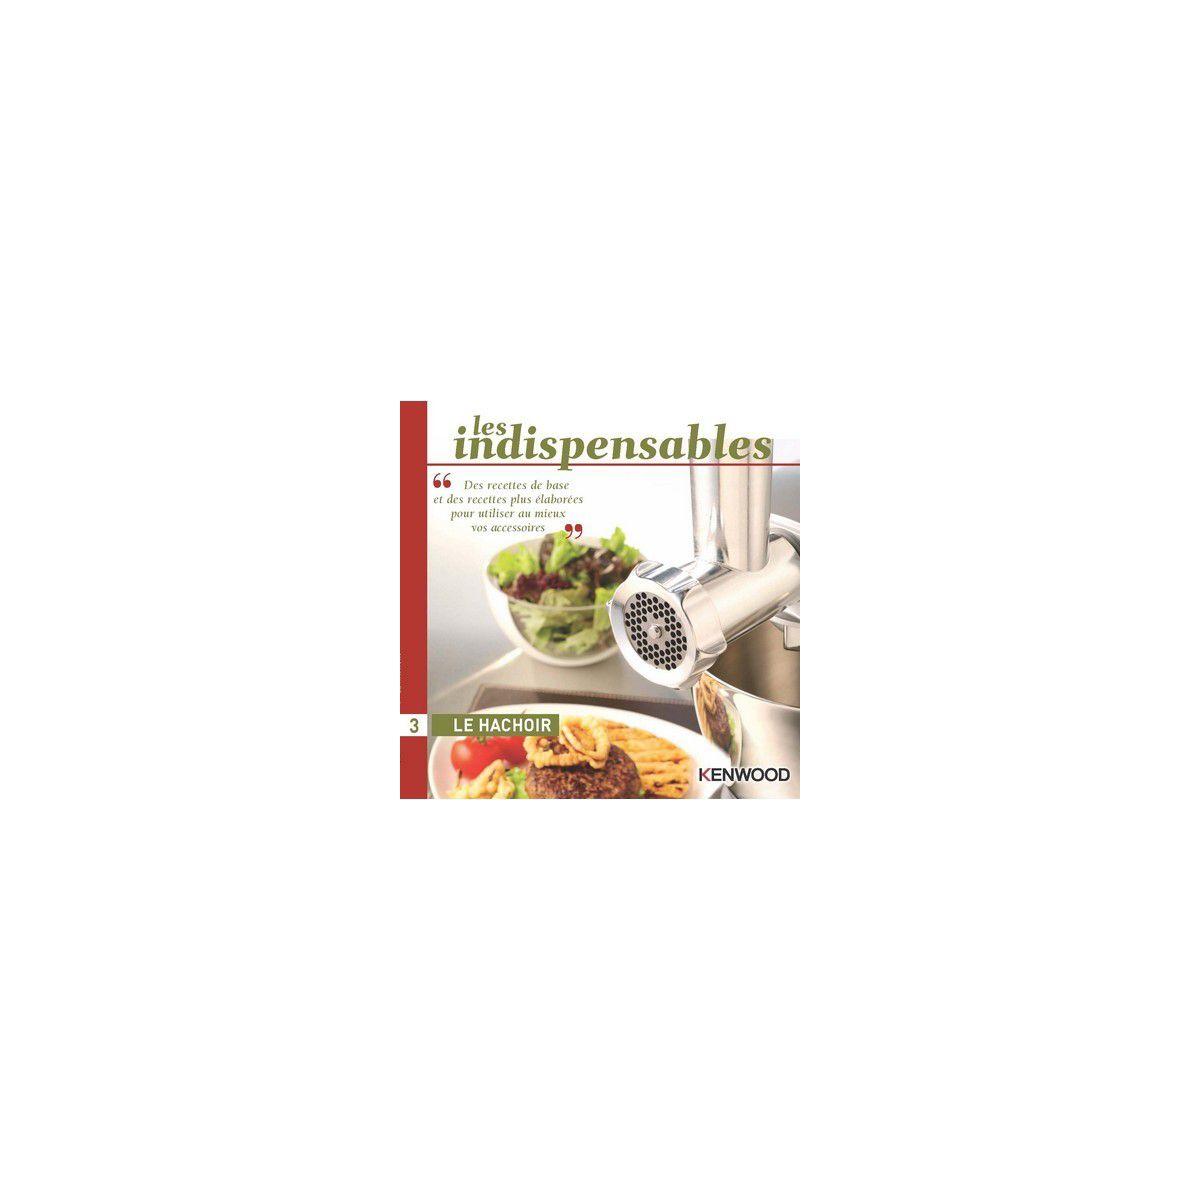 Livre de cuisine kenwood le hachoir - 10% de remise imm�diate avec le code : deal10 (photo)